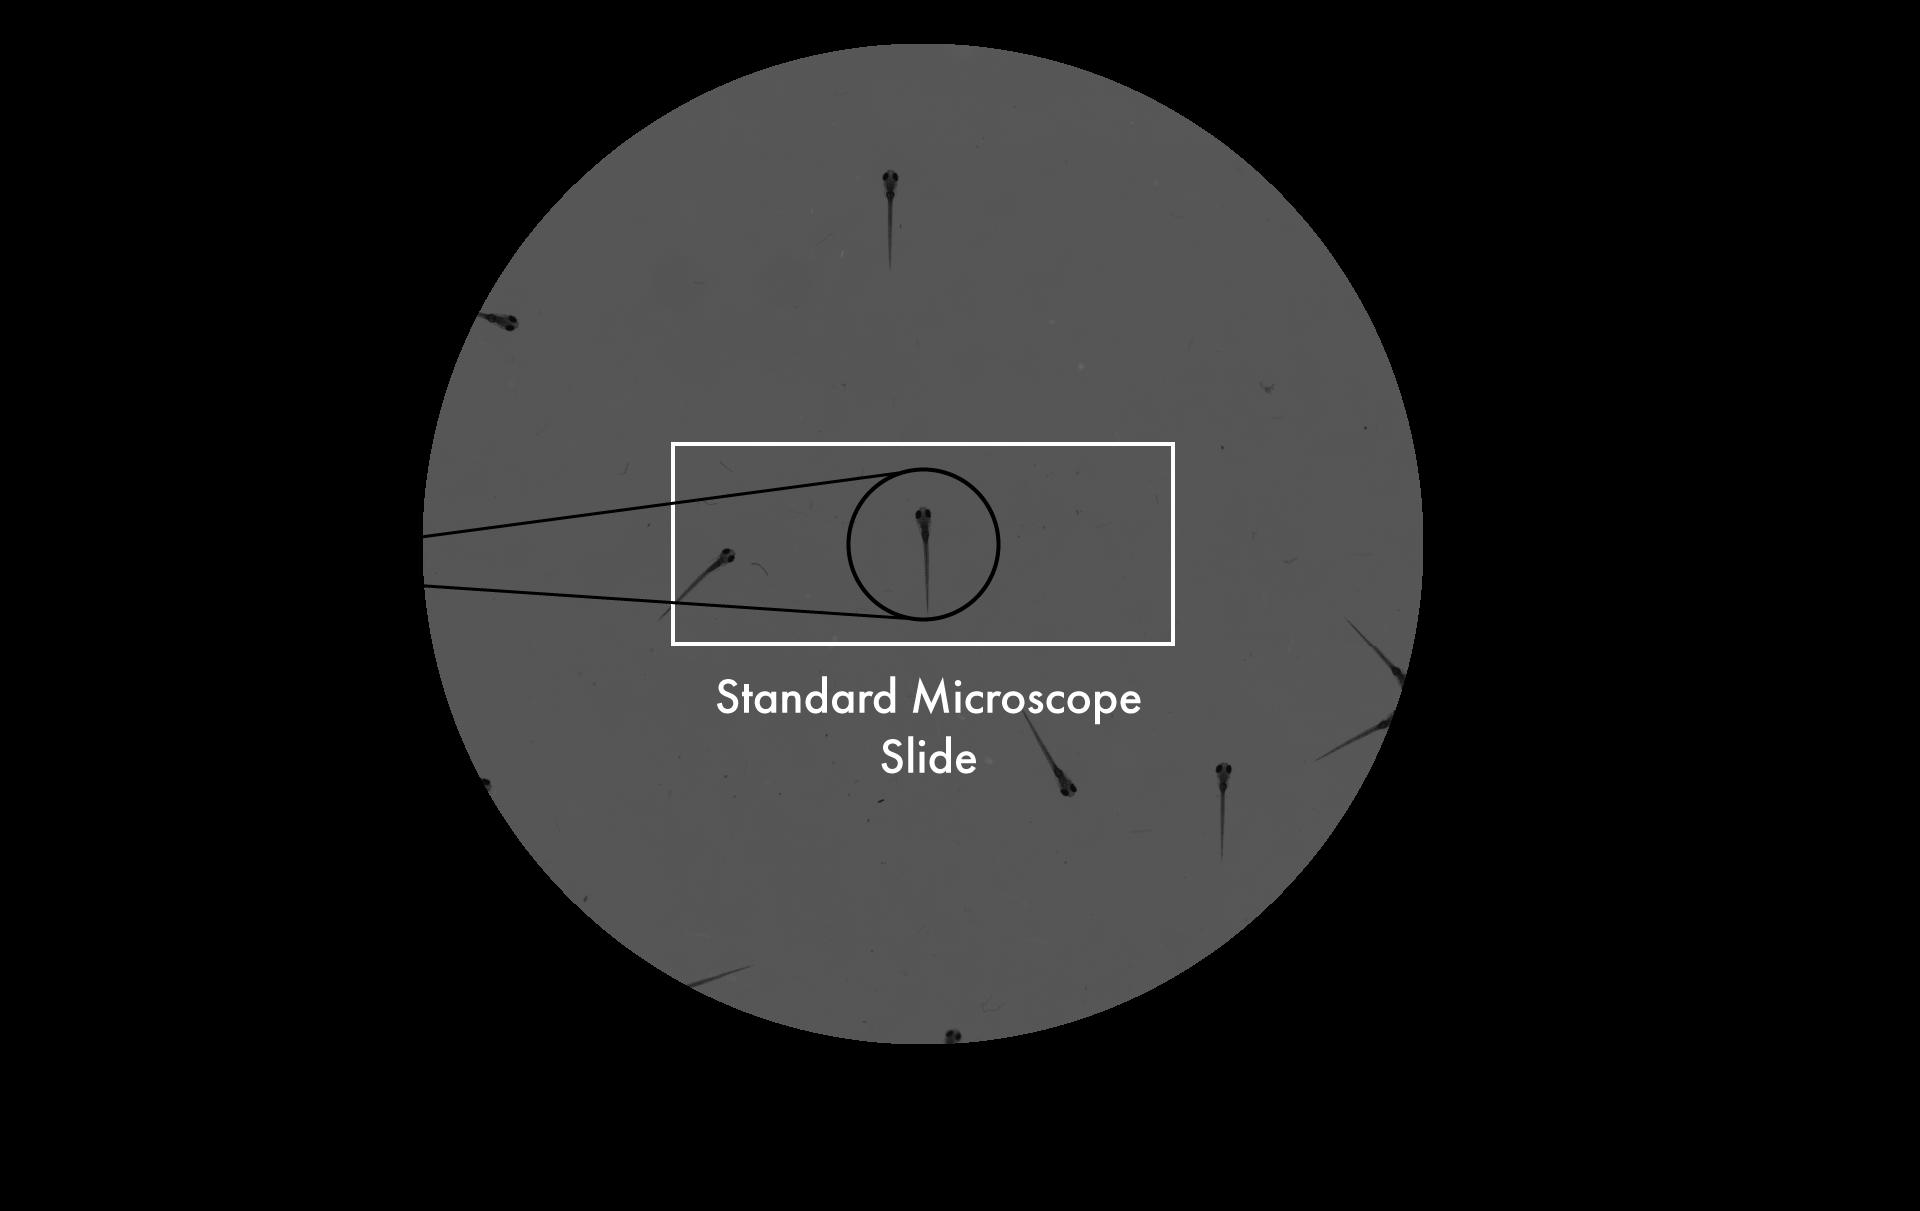 Microscope-Comparison-1.png